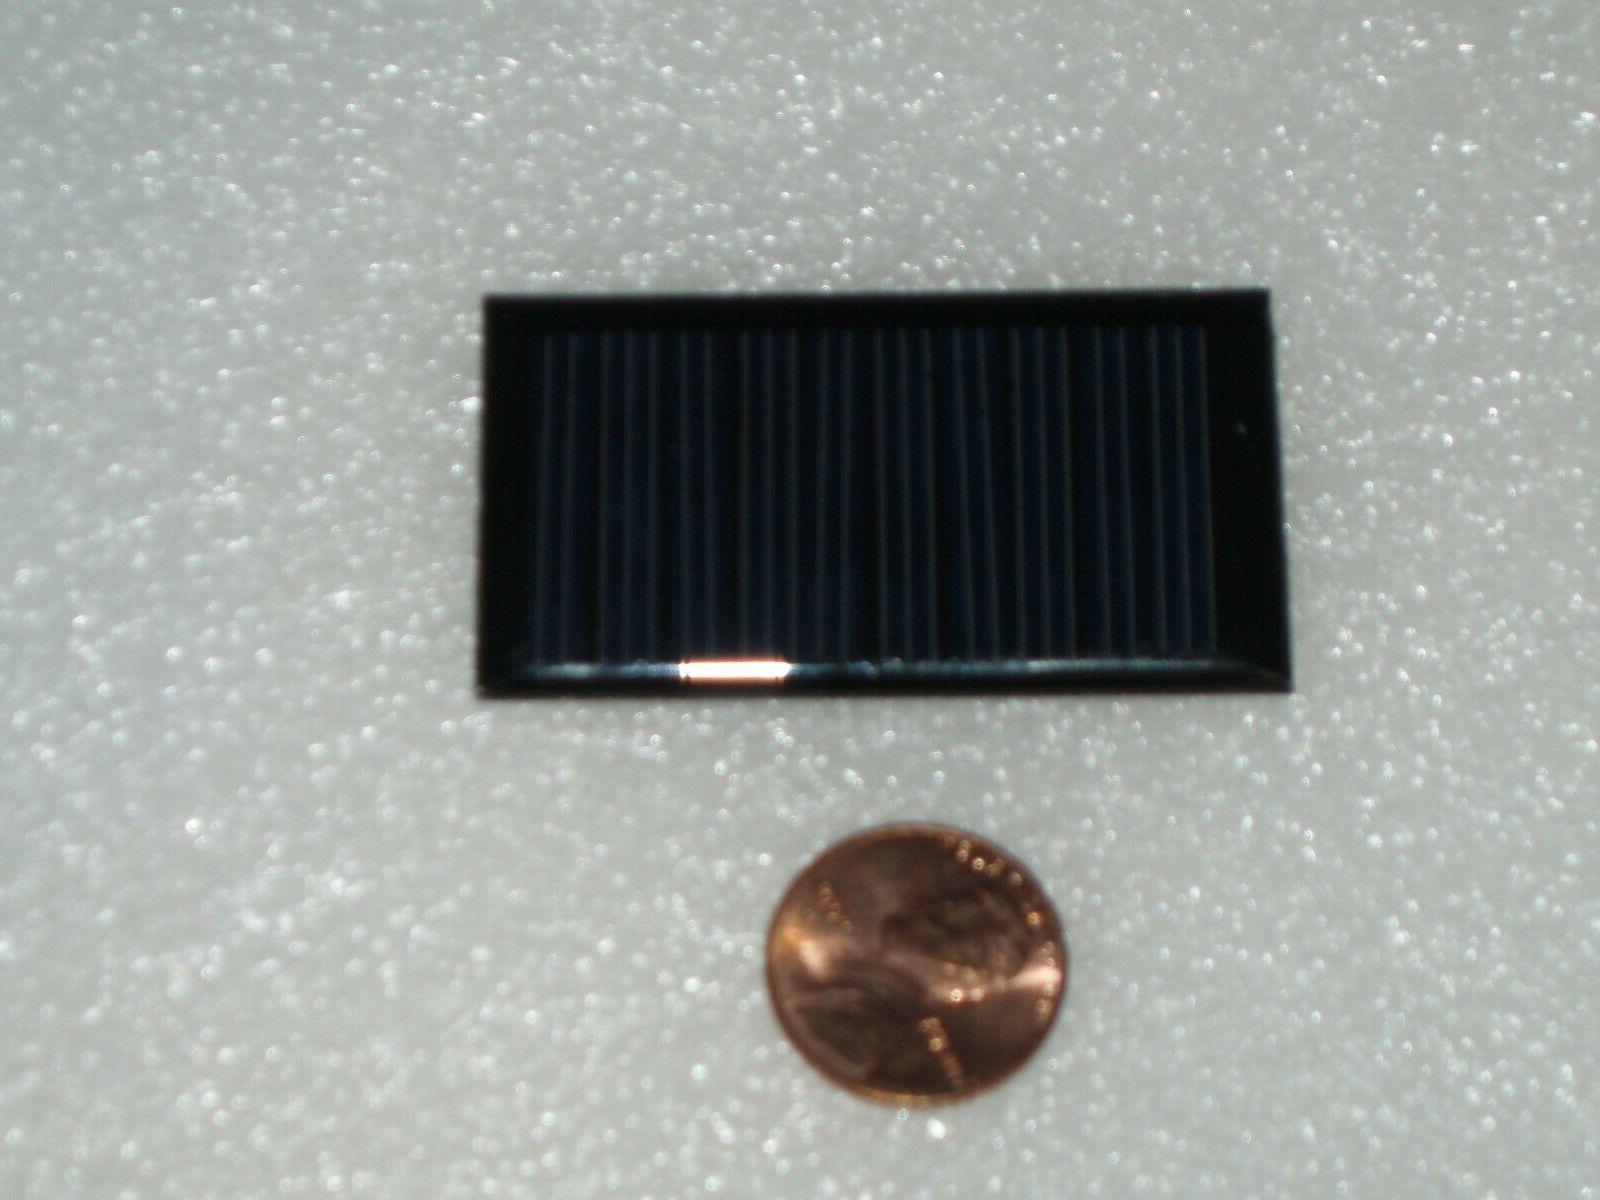 2 x 5V 30mA size 53mm x 30mm DIY mini solar